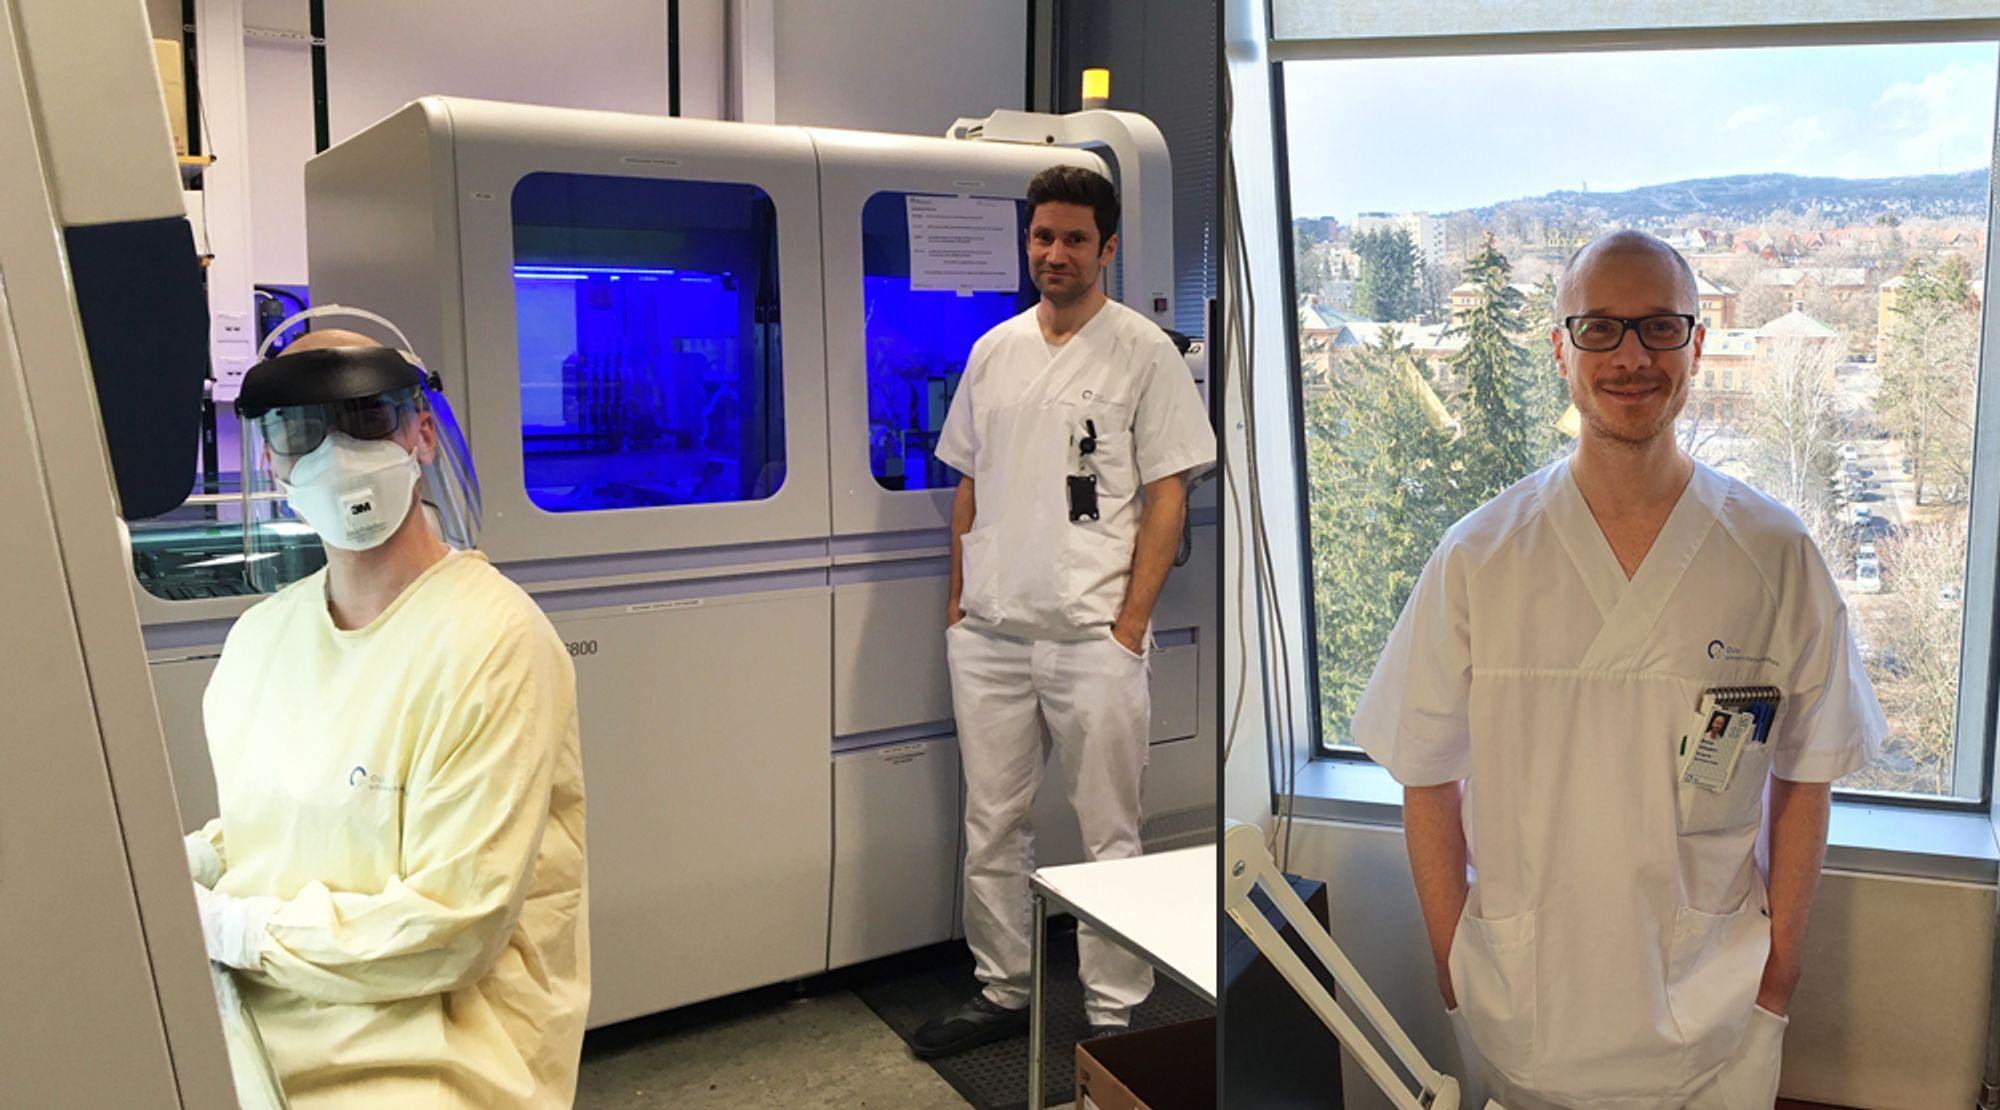 Bioingeniør Øyvind Sebusæter til venstre, og til høyre med smittevernutstyr.  Kollega og mikrobiolog Samuel Fredriksson i midten.